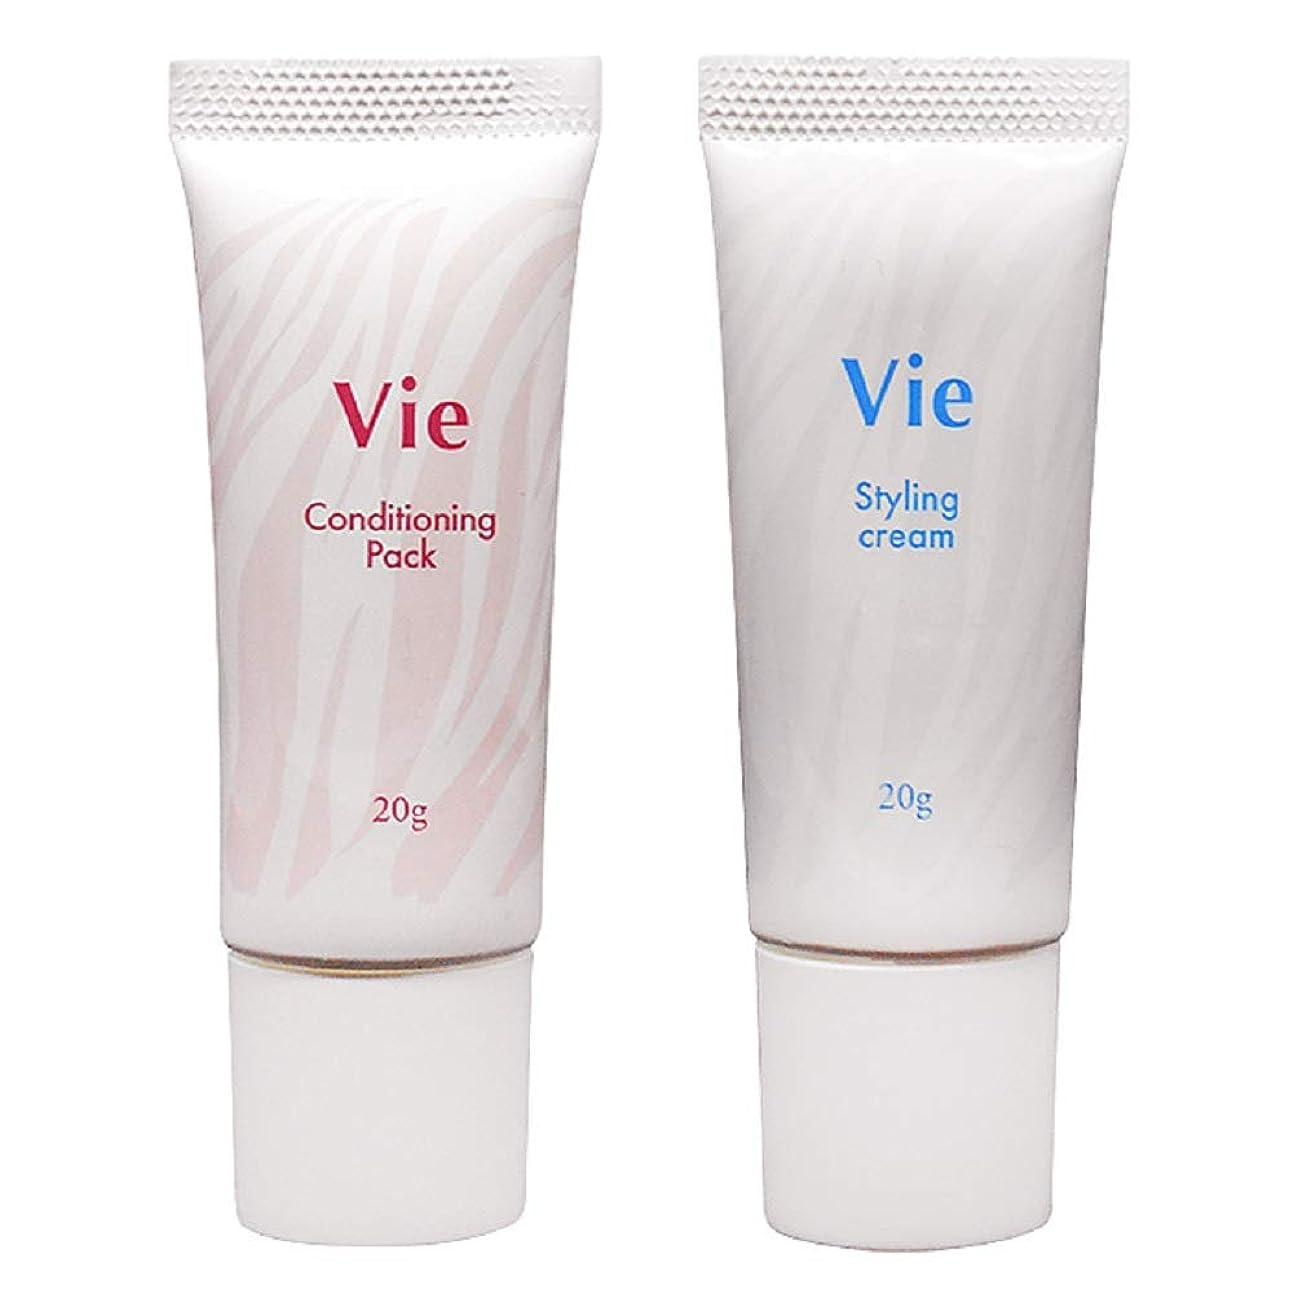 期待菊退化するVie コンディショニングパック 20g + スタイリングクリーム20g セット